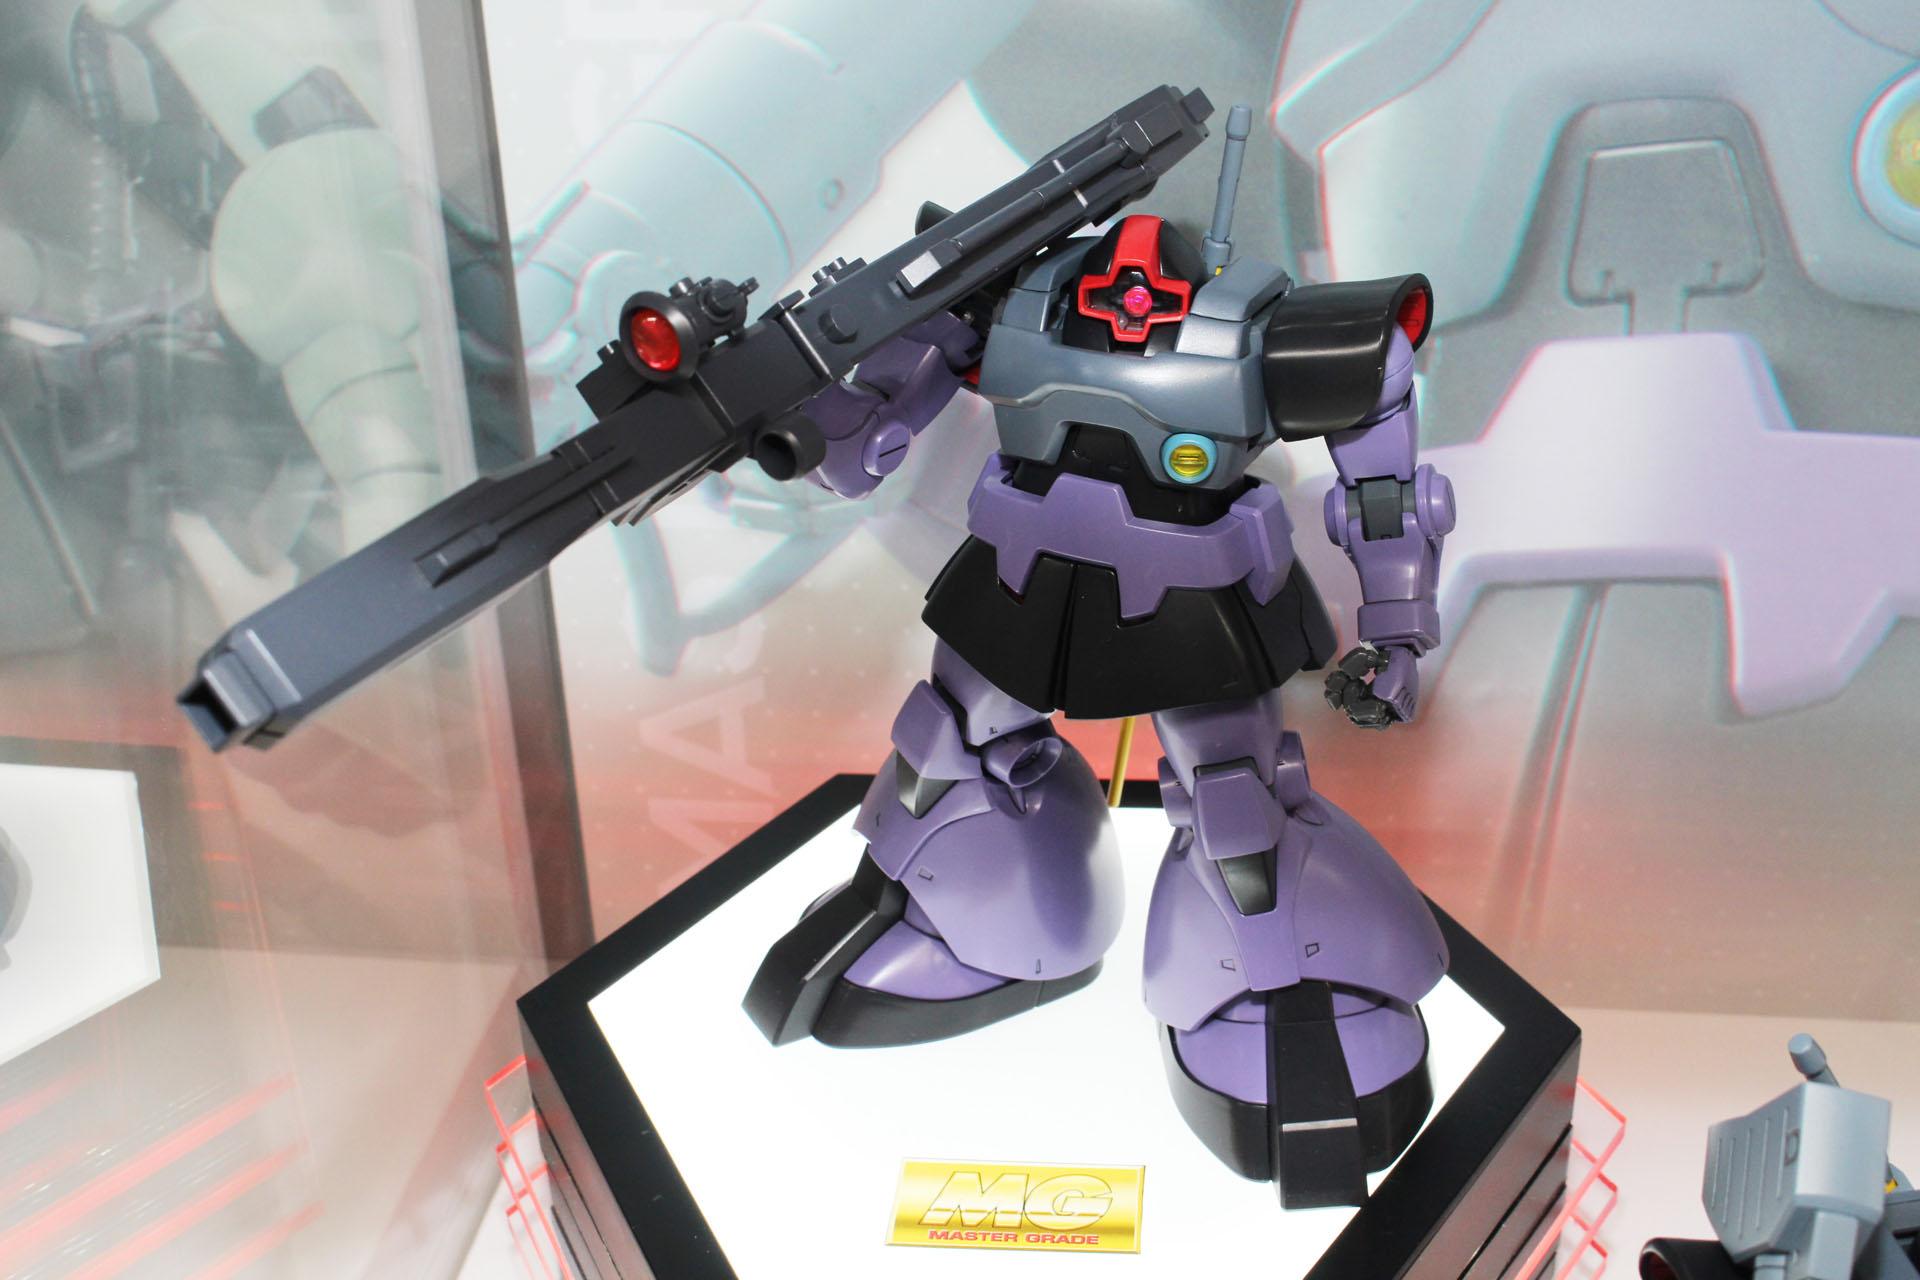 リニューアル版「MG 1/100 リック・ドム」。既存のMGではビームバズーカなど装備武器も一部異なっていた